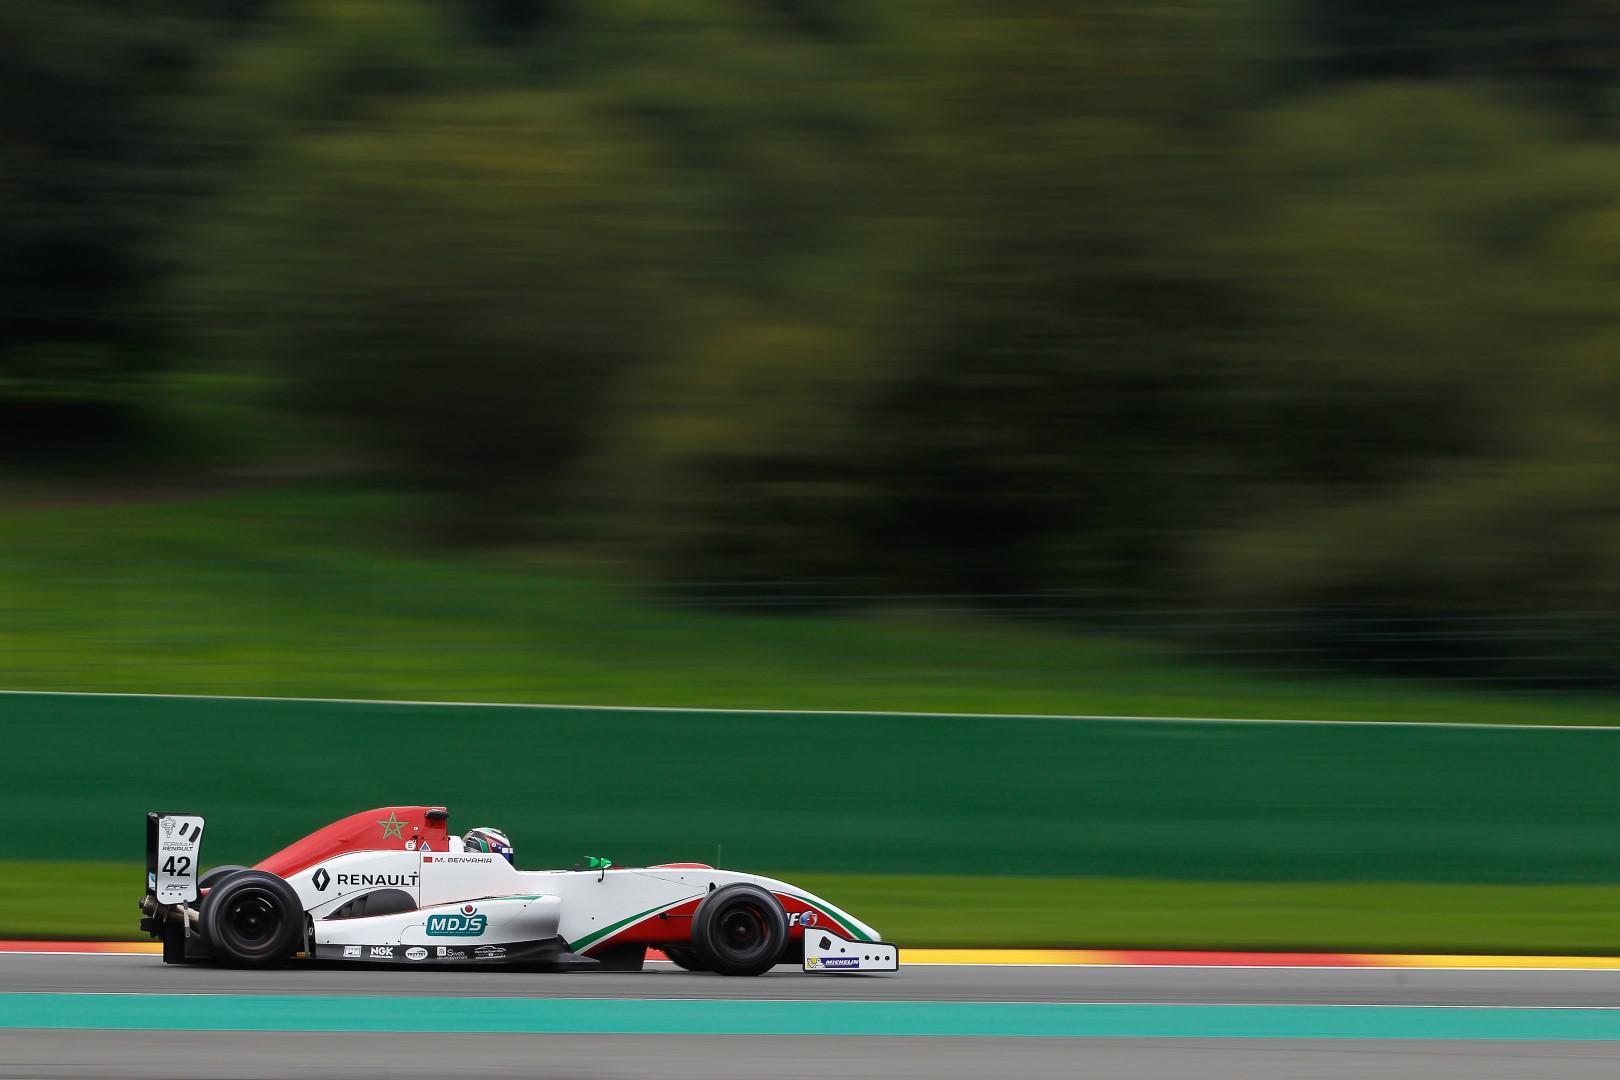 2eme-au-championnat-le-marocain-benyahia-se-replace-dans-la-course-au-titre-nec-formule-renault-2-0-425-5.jpg